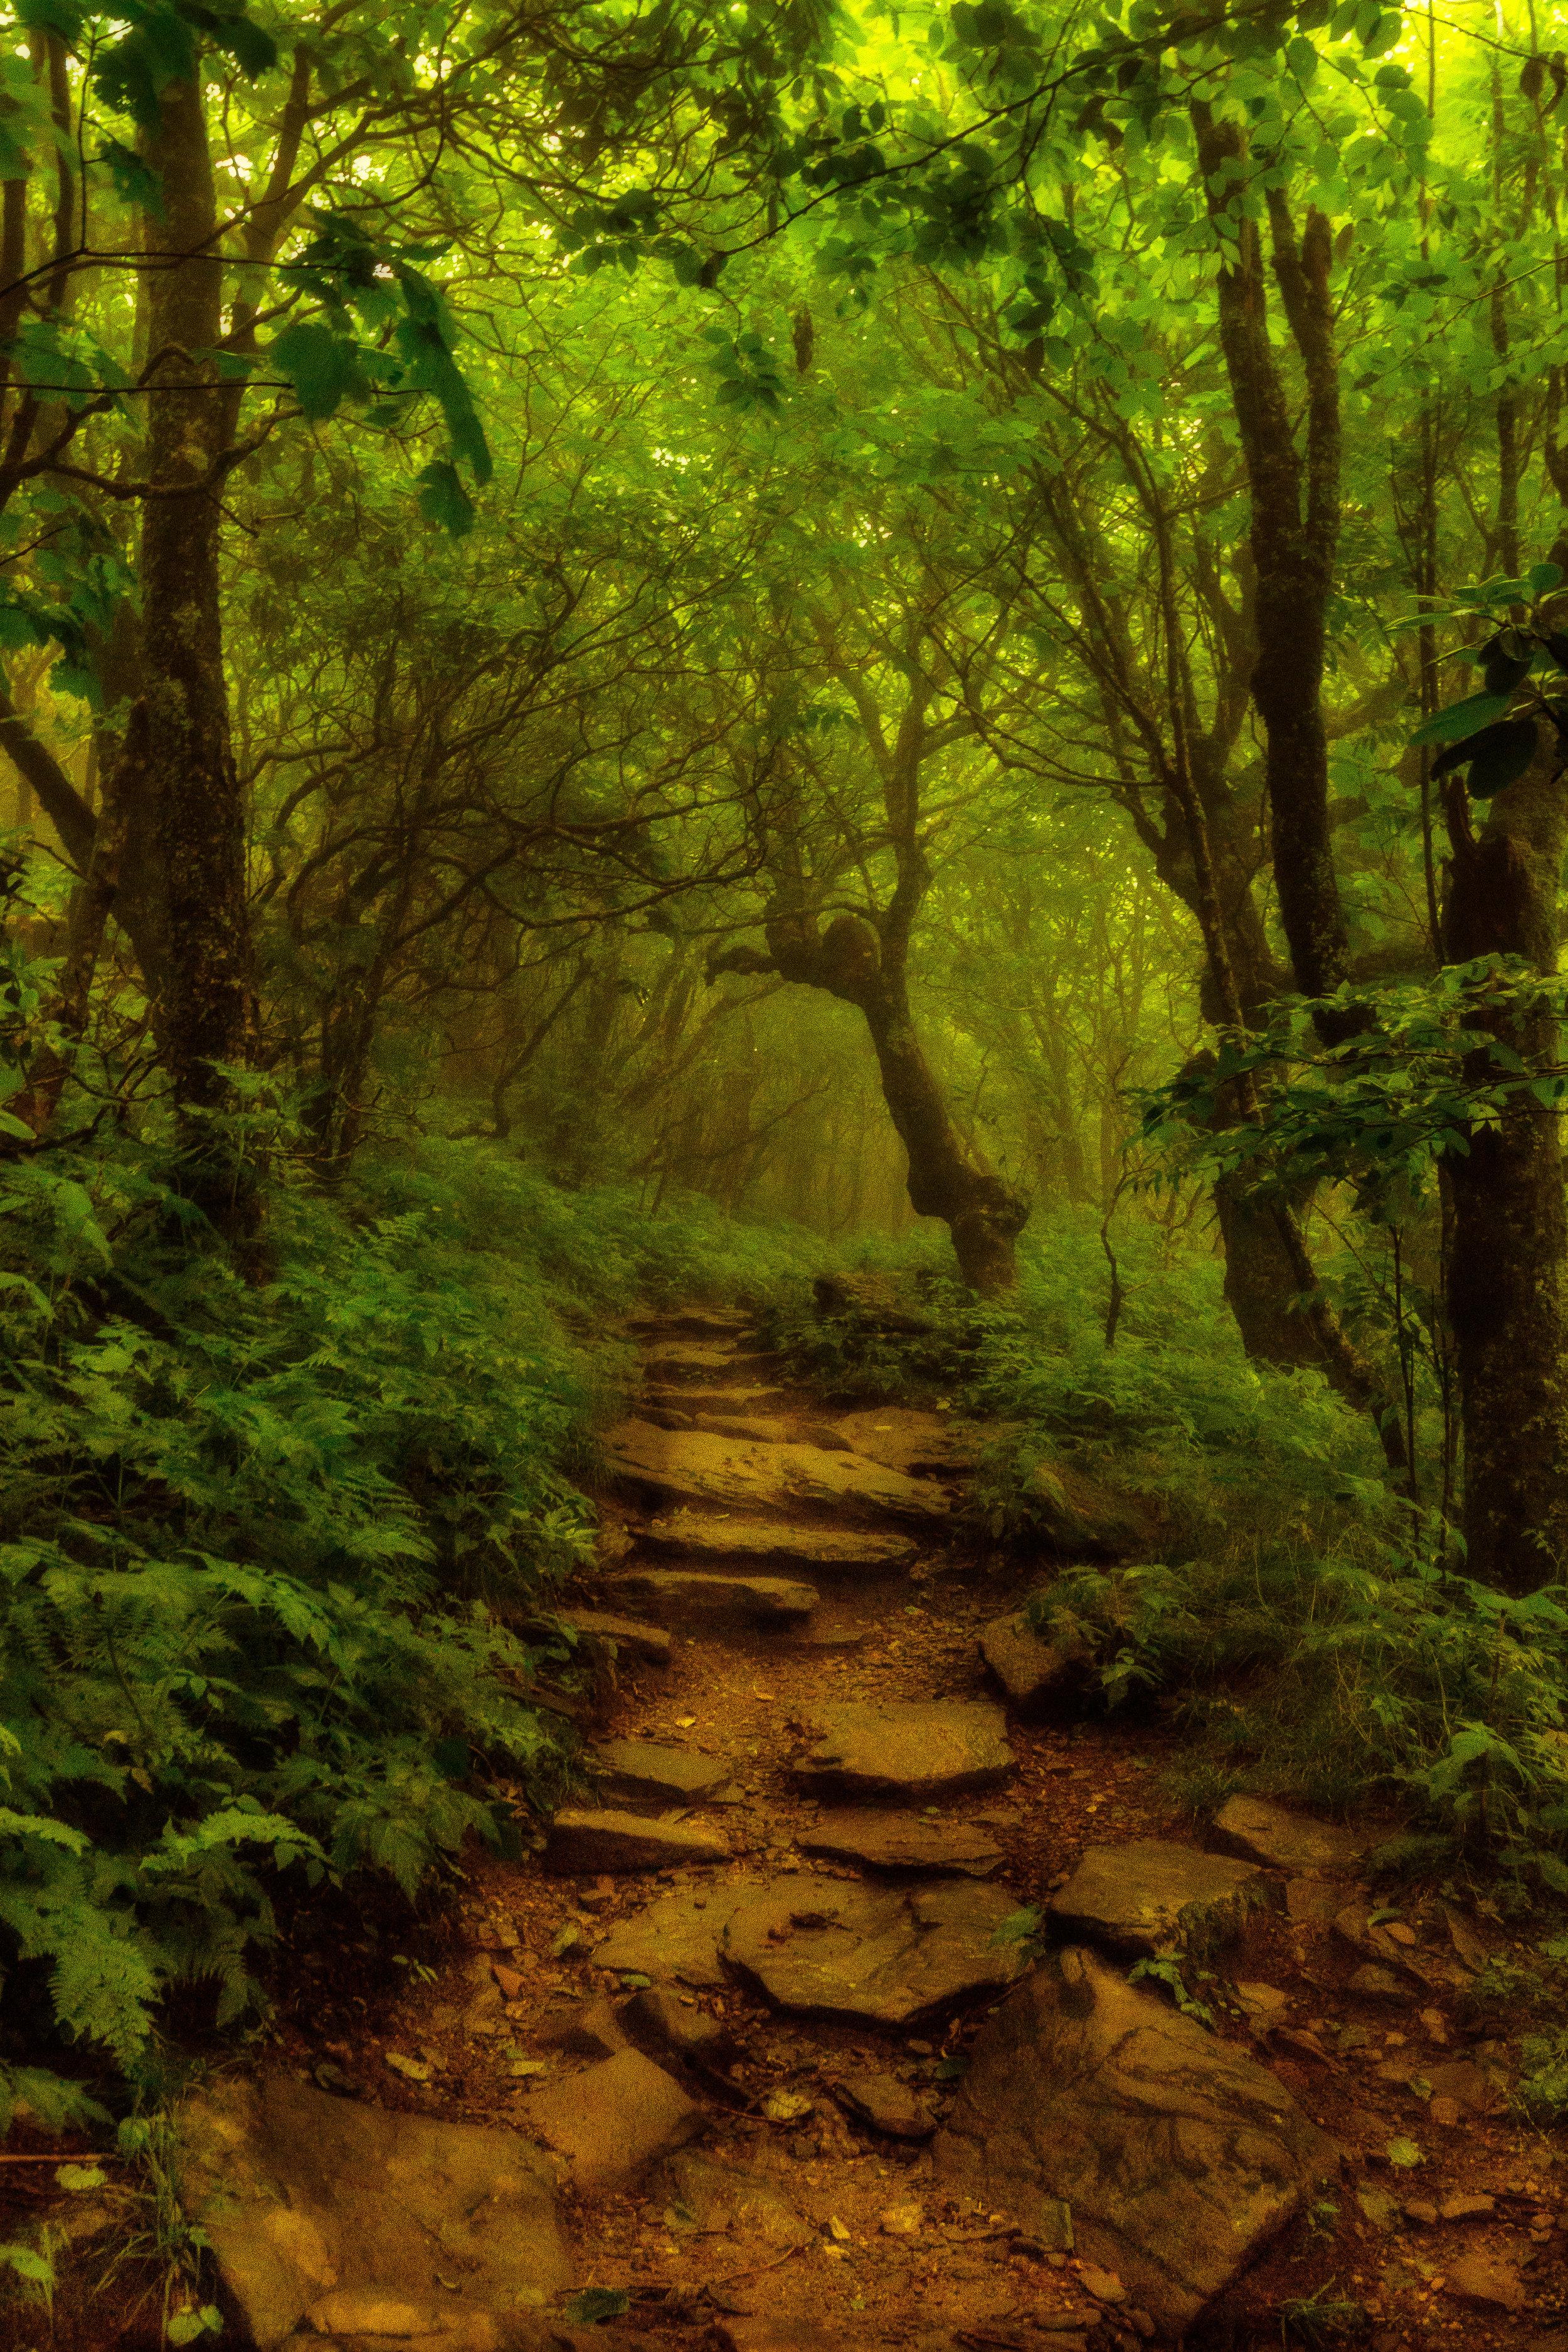 Into the Craggy Garden